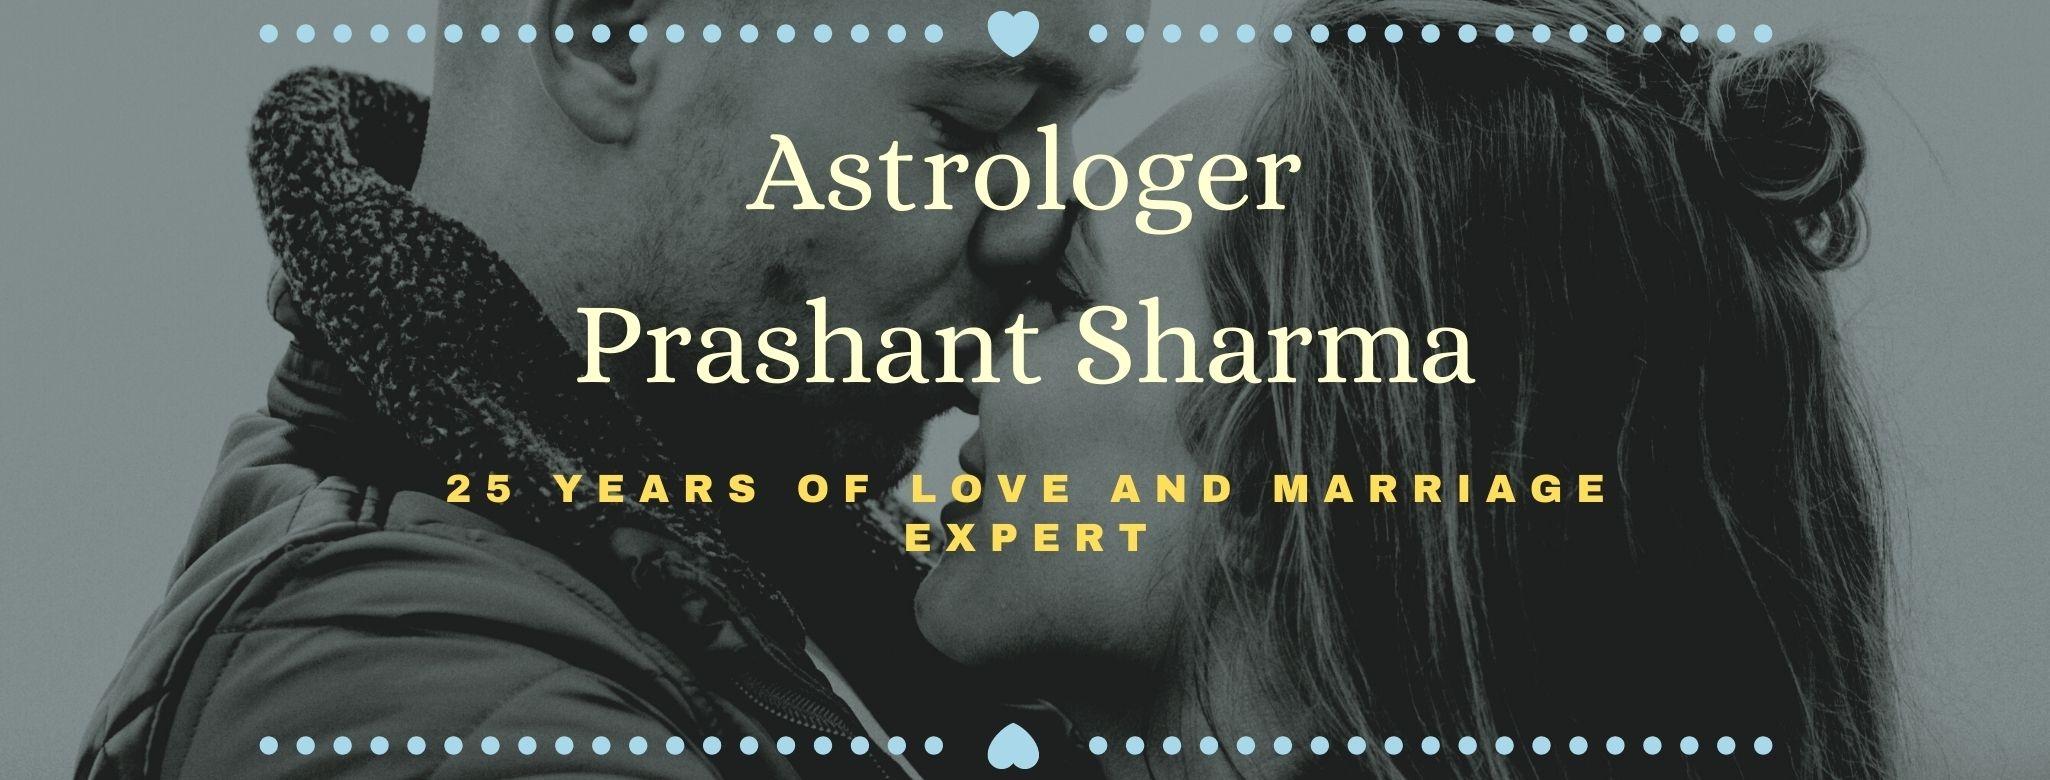 Ex Love Vashikaran Expert (@exlovevashikaranexpert) Cover Image